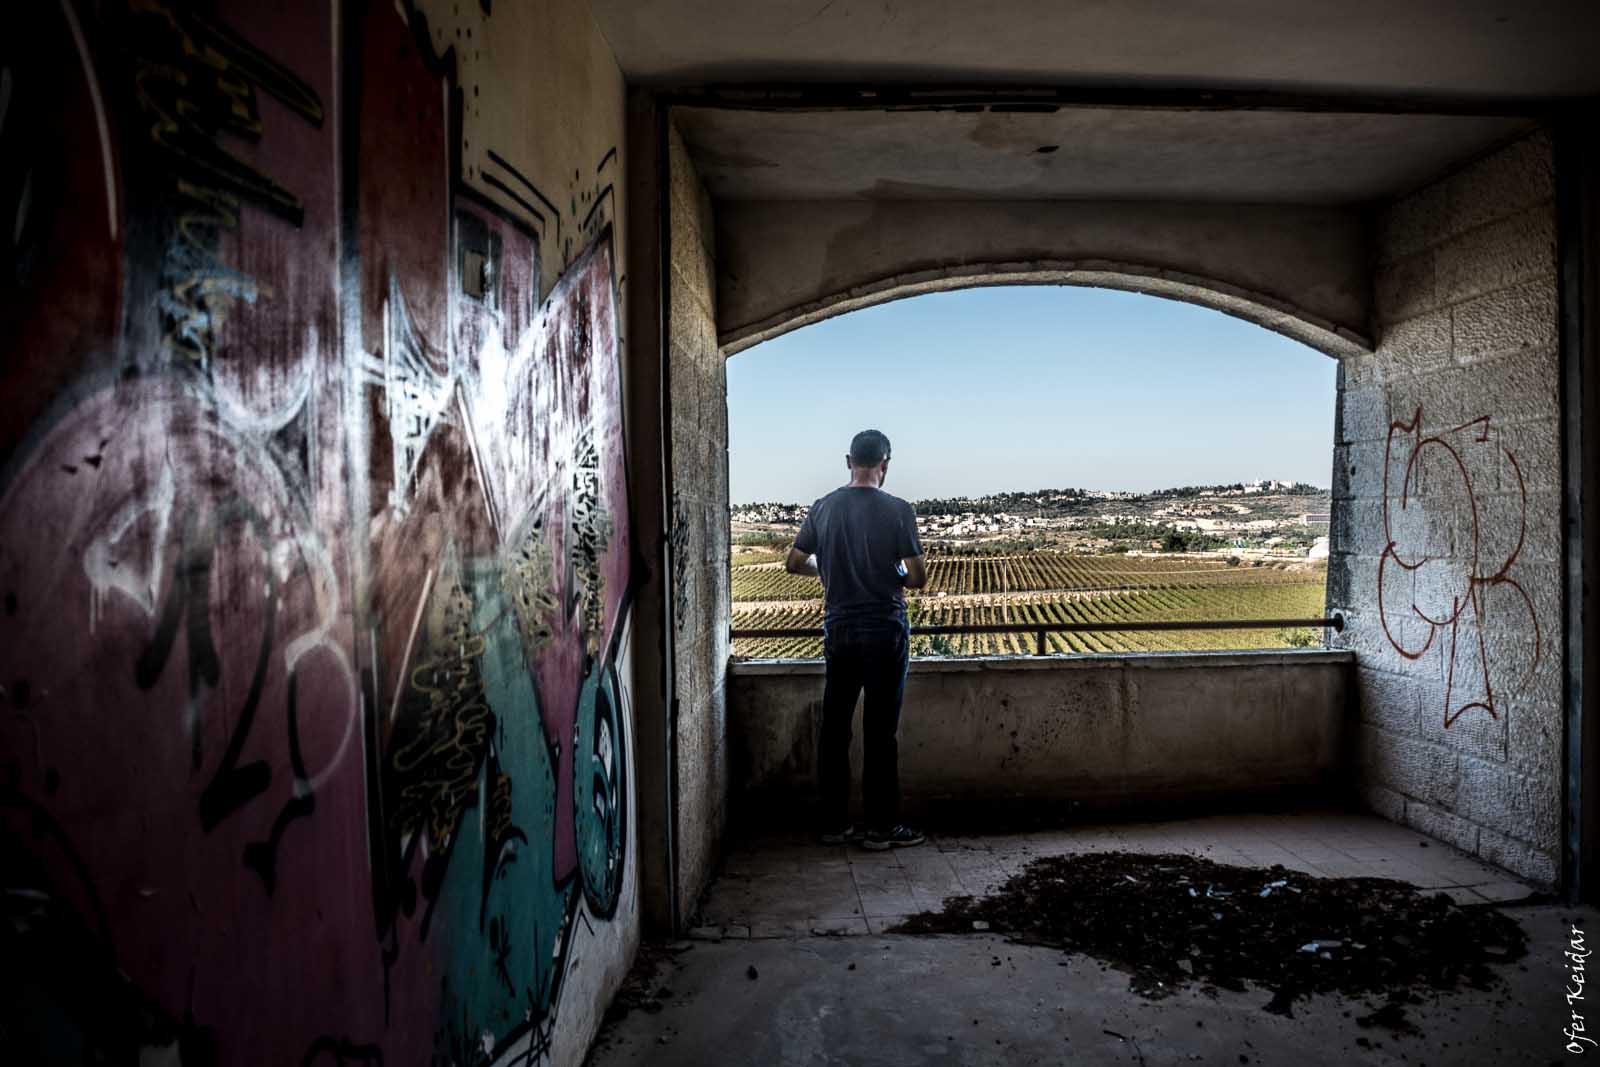 בלוג הצילום מבקר במלון הנטוש ליד צובה, בדרך לירושלים